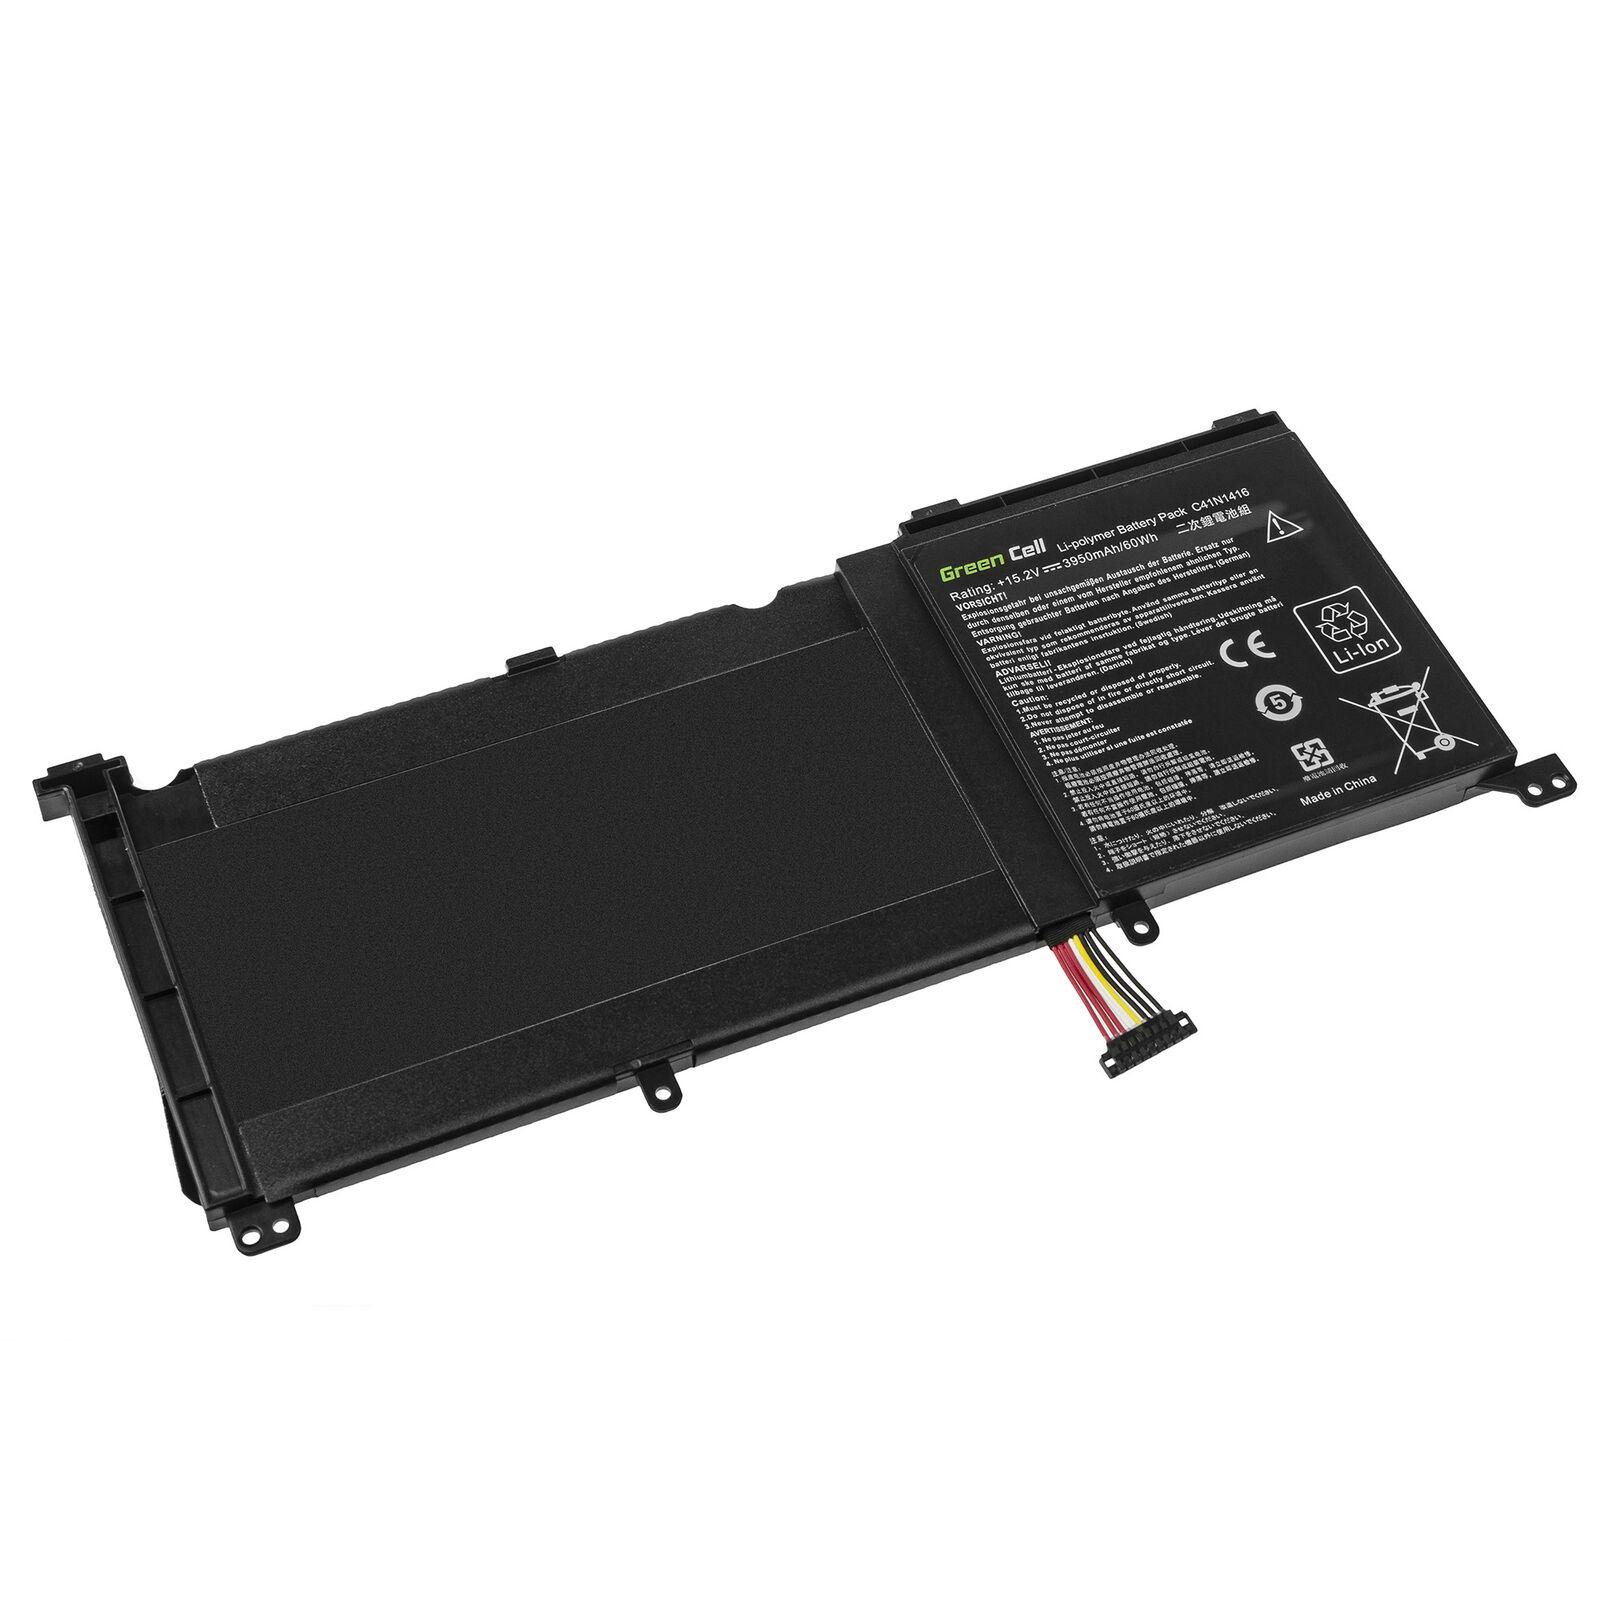 C41N1416 Asus ZenBook Pro G501 G501J G501VW N501L UX501J 3950mAh compatibele Accu